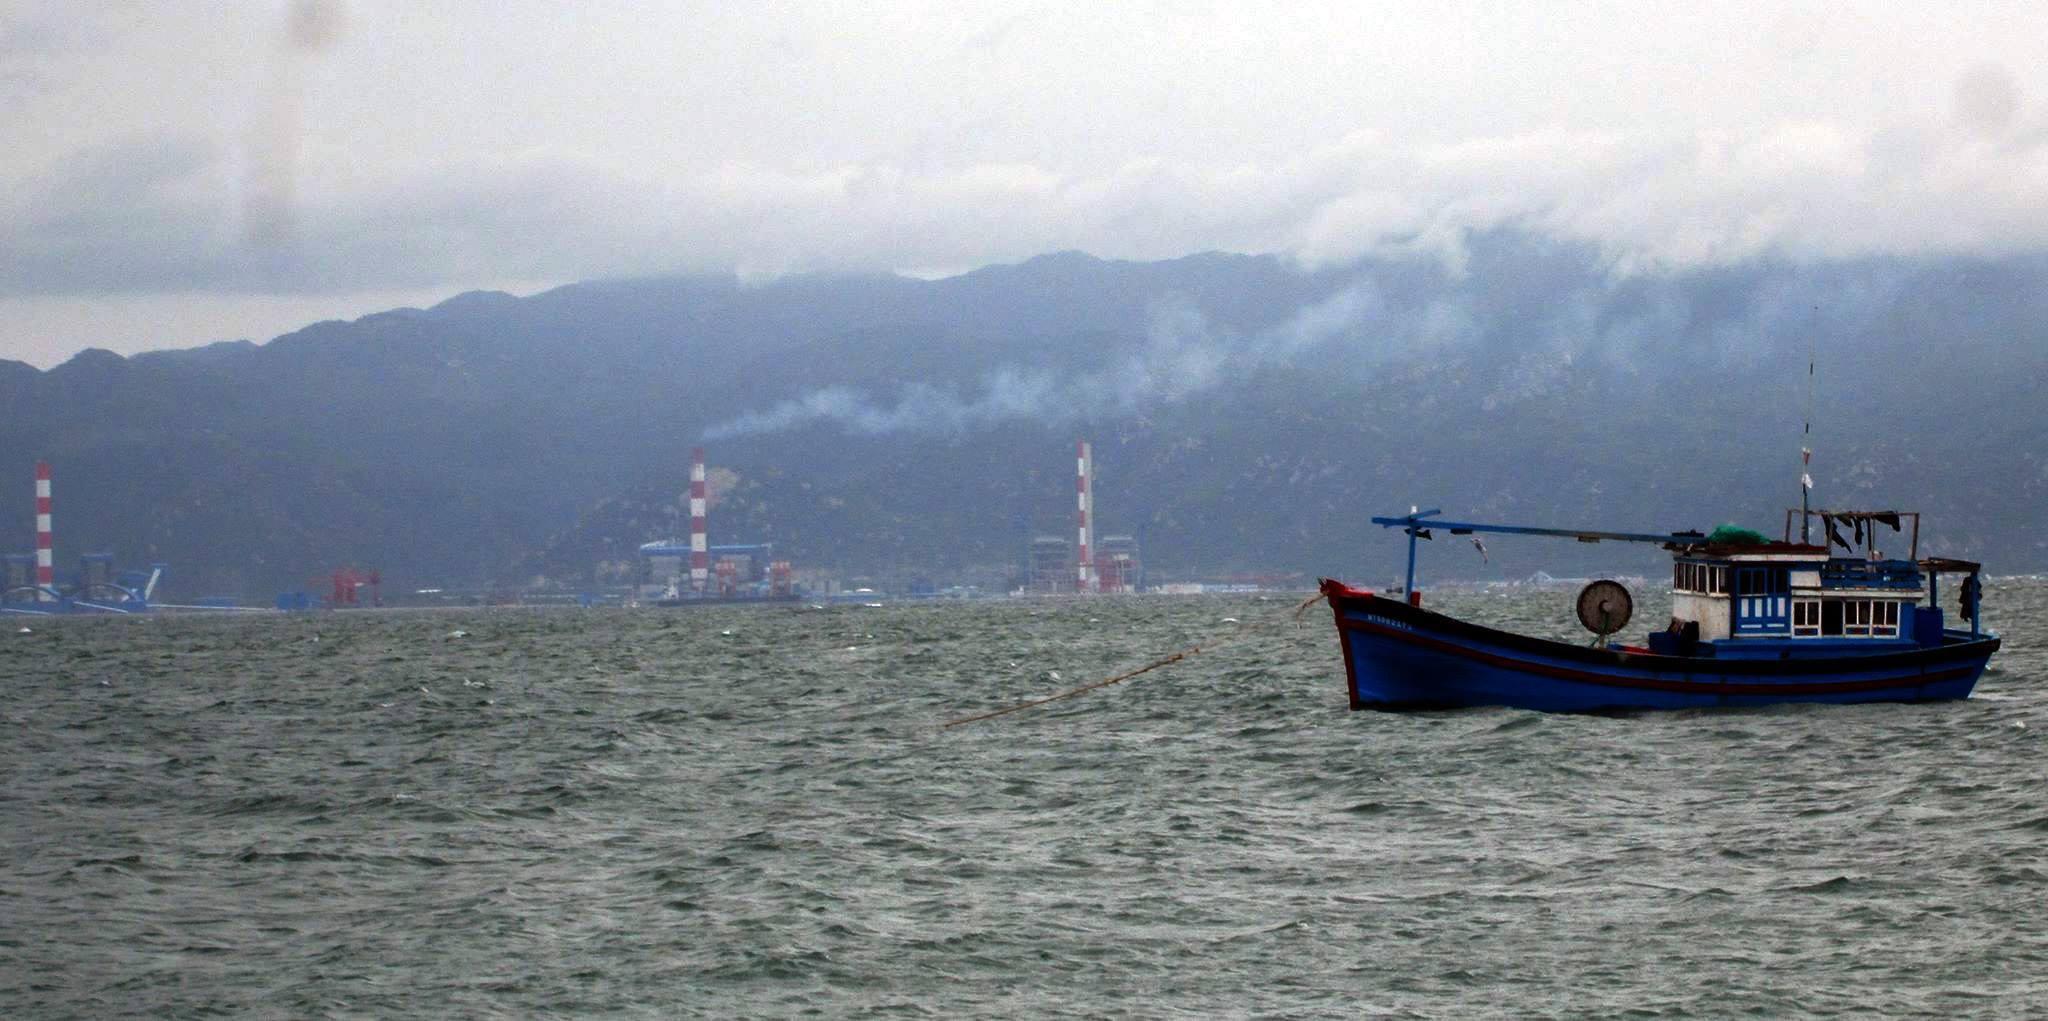 Bình Thuận,Đinh Trung,xả thải,ô nhiễm môi trường,ô nhiễm môi trường biển